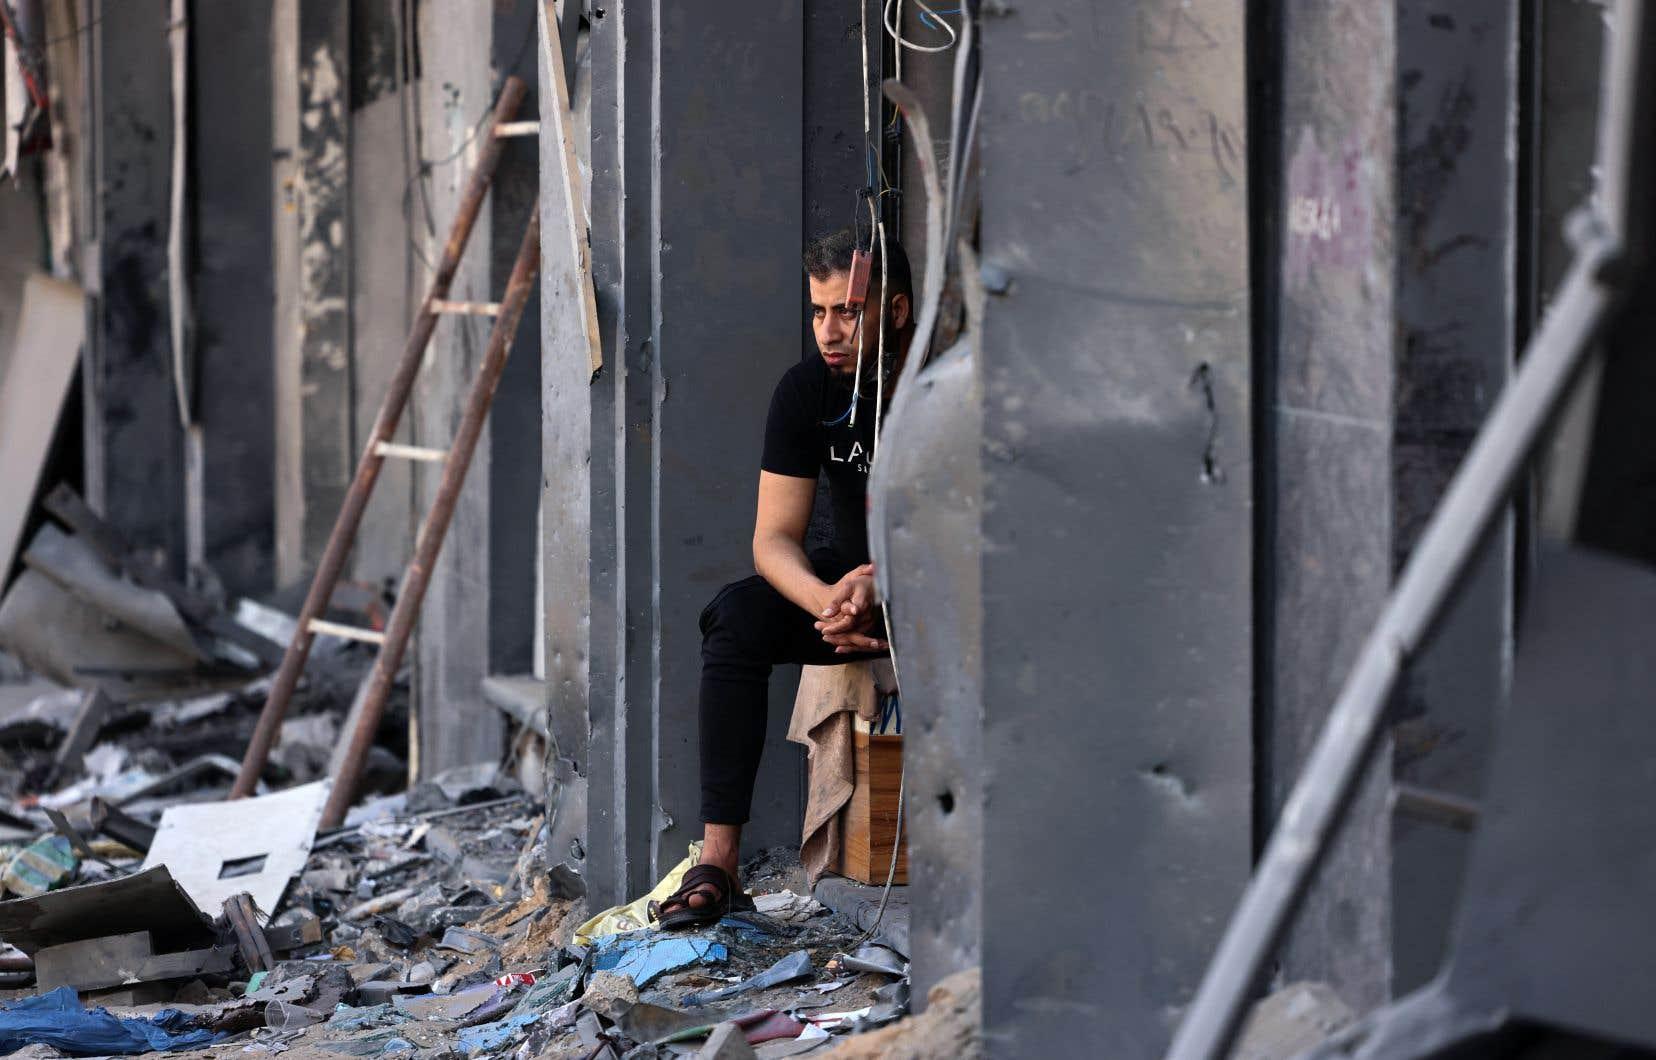 Dans le quartier al-Rimal, à Gaza, bon nombre de boutiques ont été détruites par les bombardements israéliens.